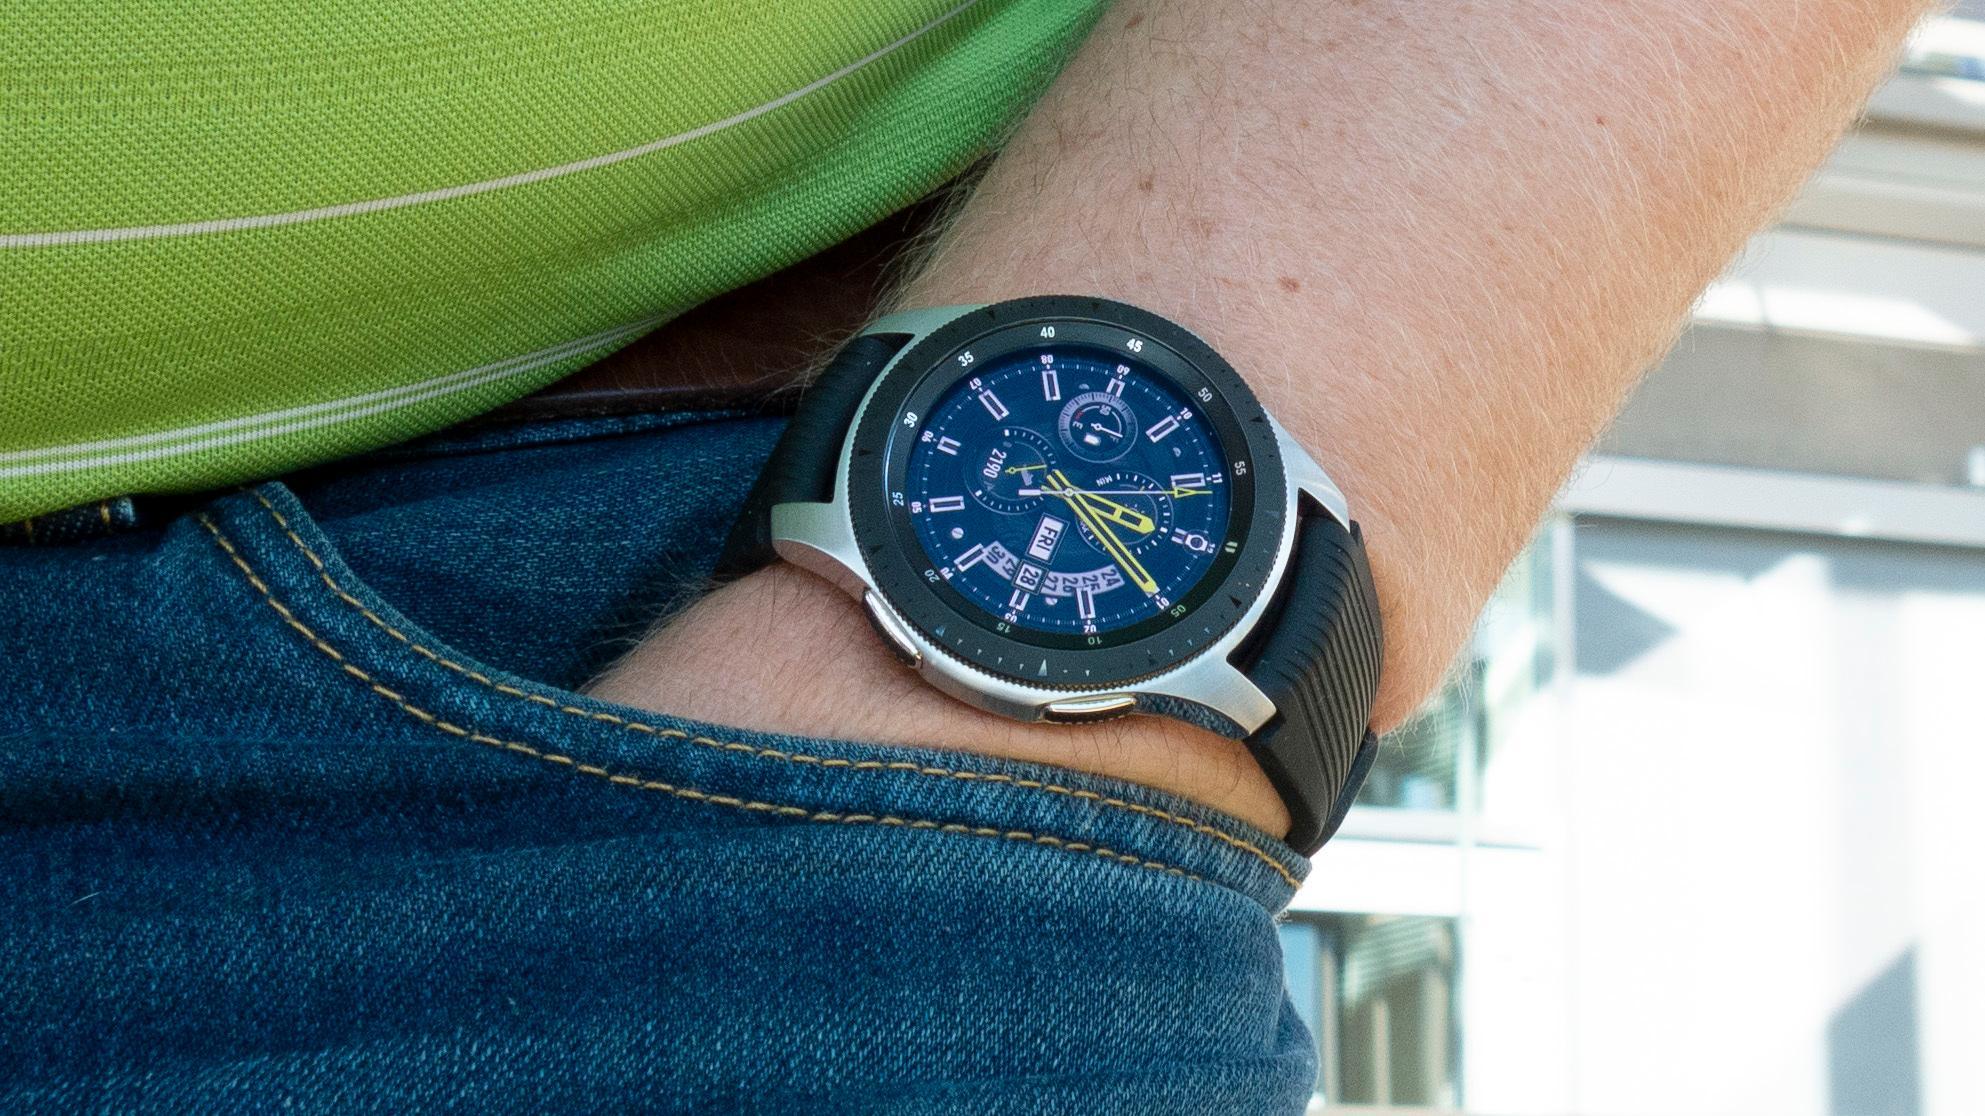 Klokken er storvokst, og tar mye plass på armen.